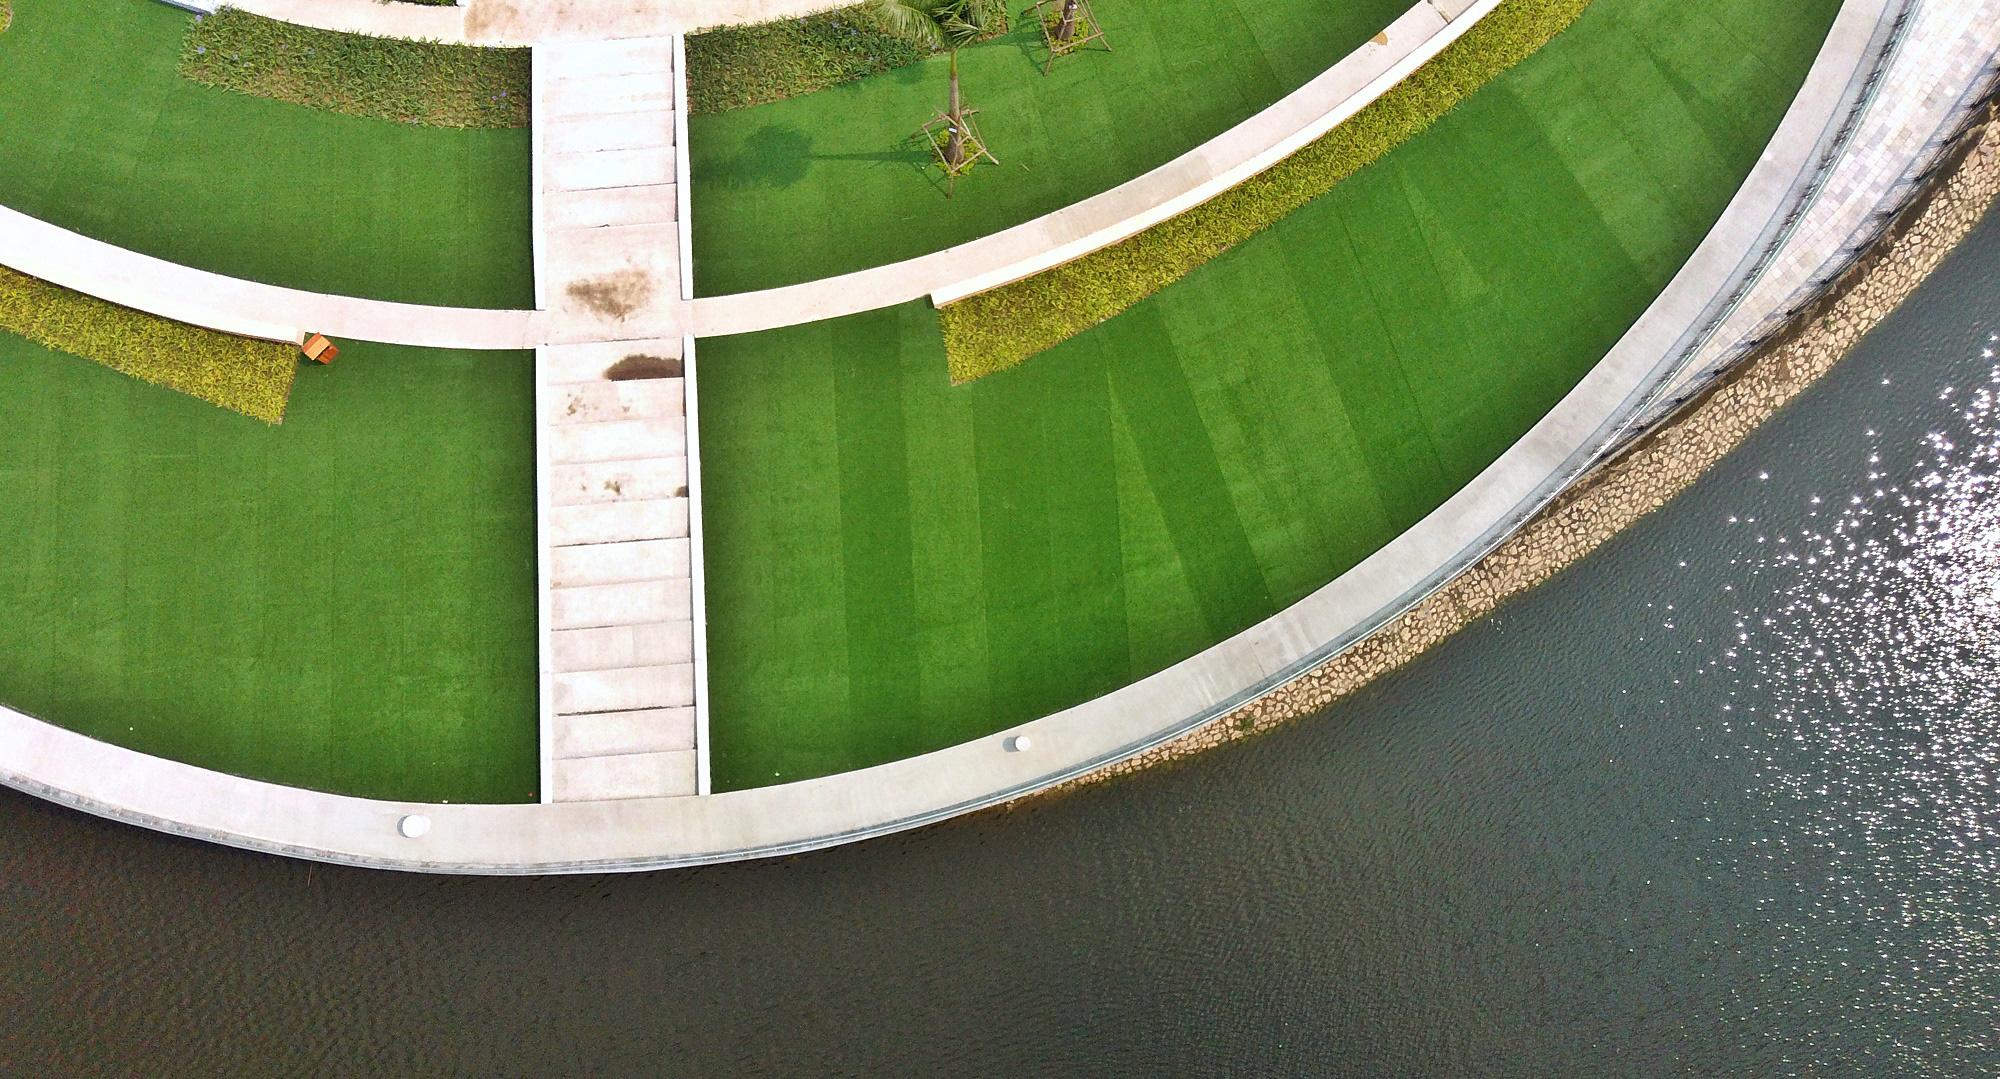 Công viên Thiên văn học đầu tiên Đông Nam Á ở KĐT Dương Nội đẹp lung linh nhìn từ trên cao - Ảnh 7.